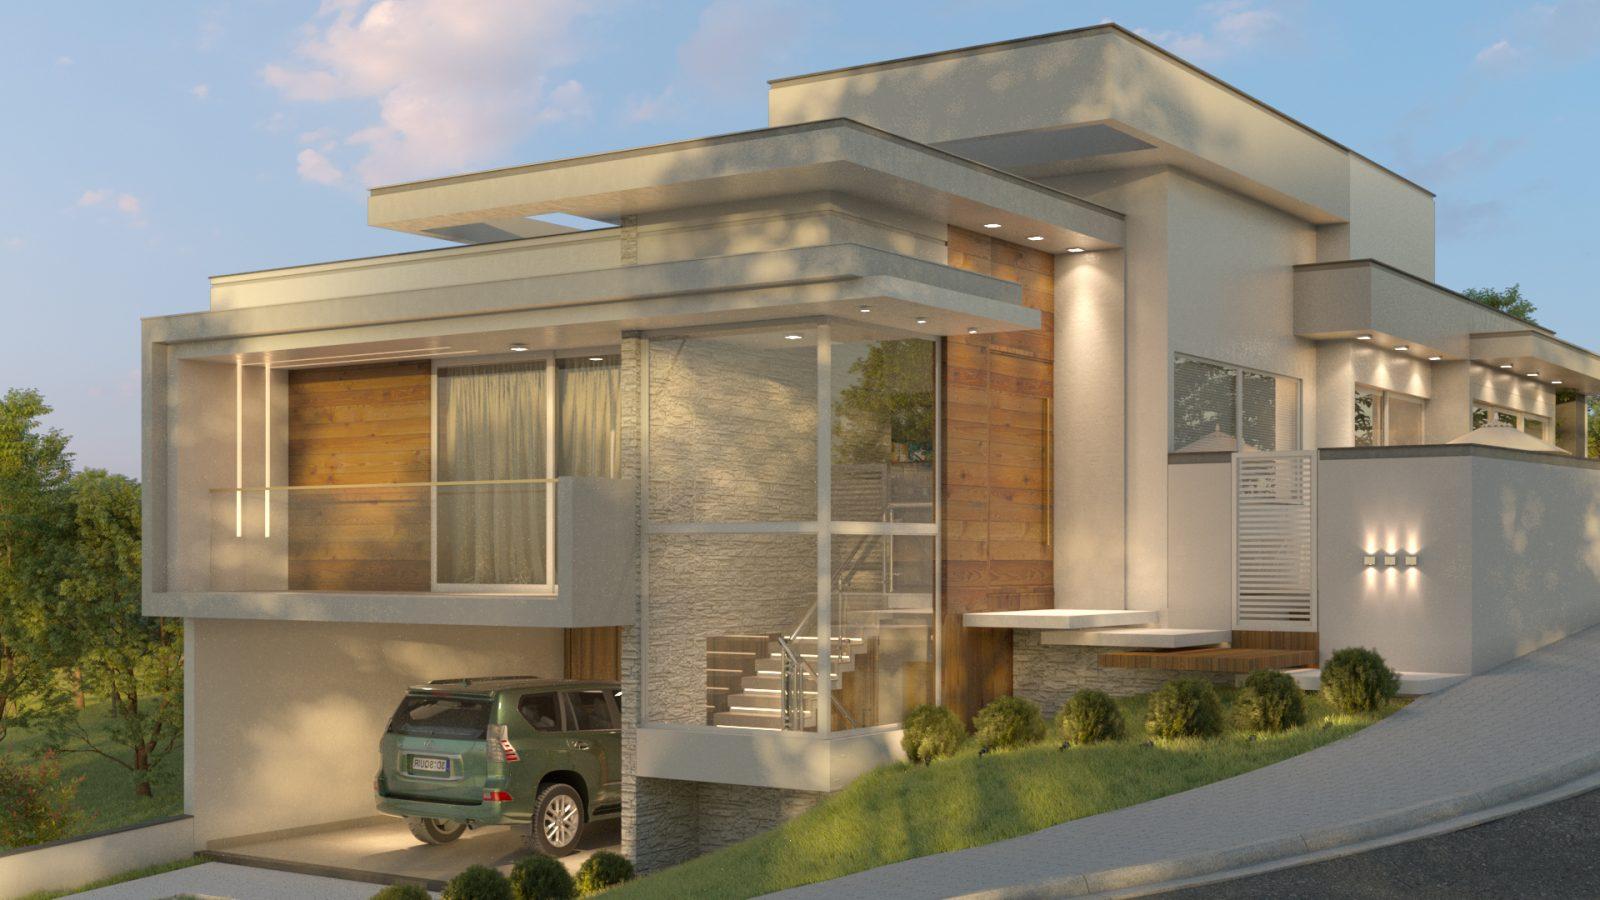 Vista lateral de uma casa com amplas janelas e um carro na garagem.